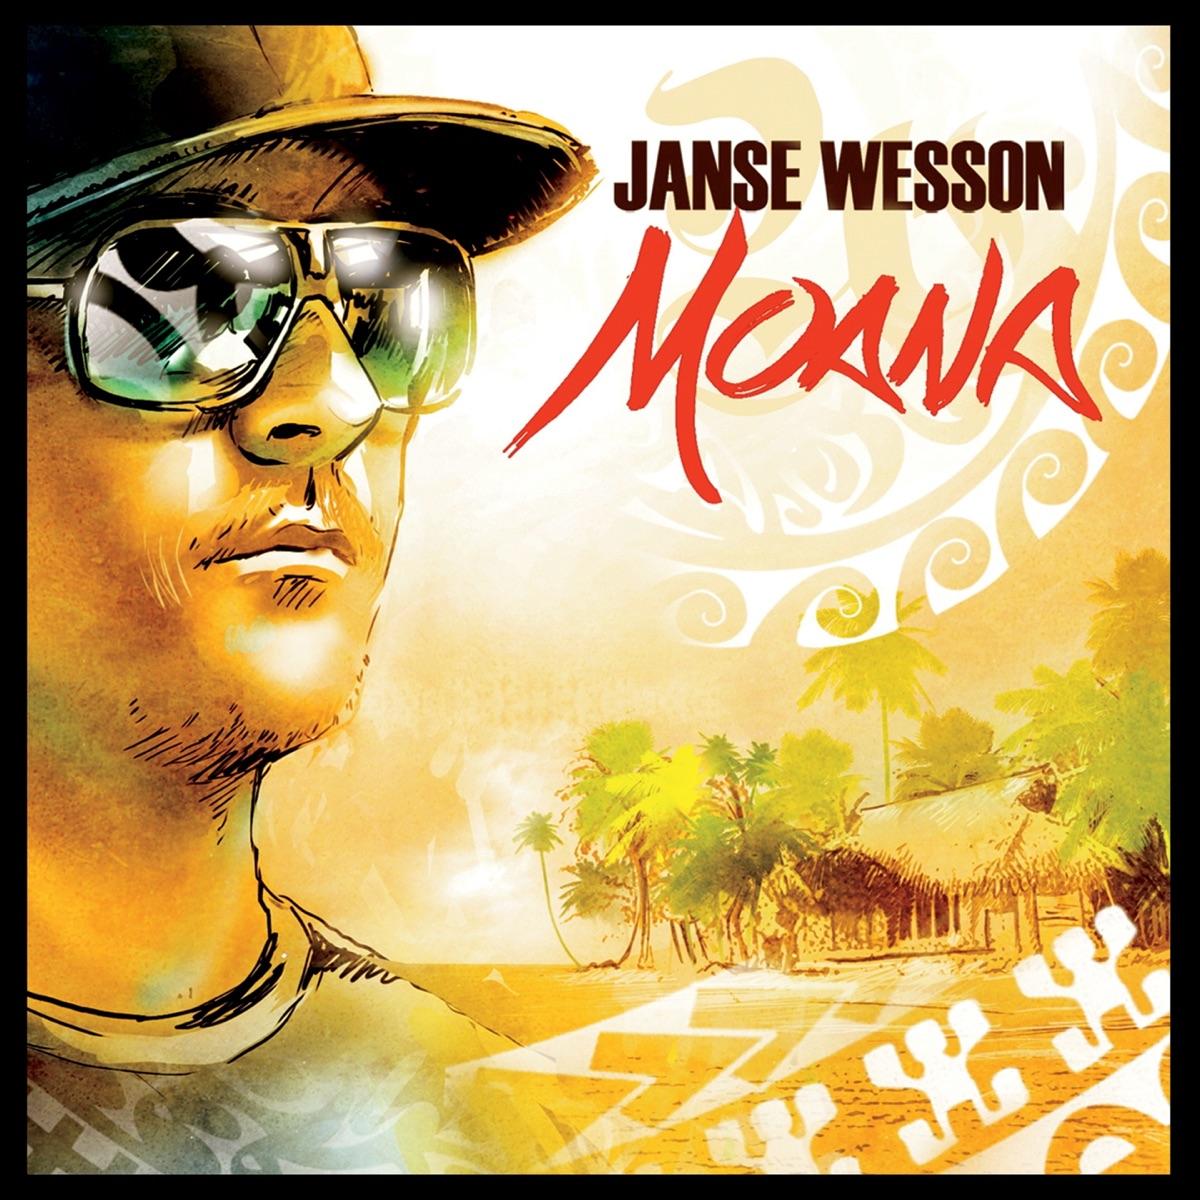 Moana Jansé Wesson CD cover